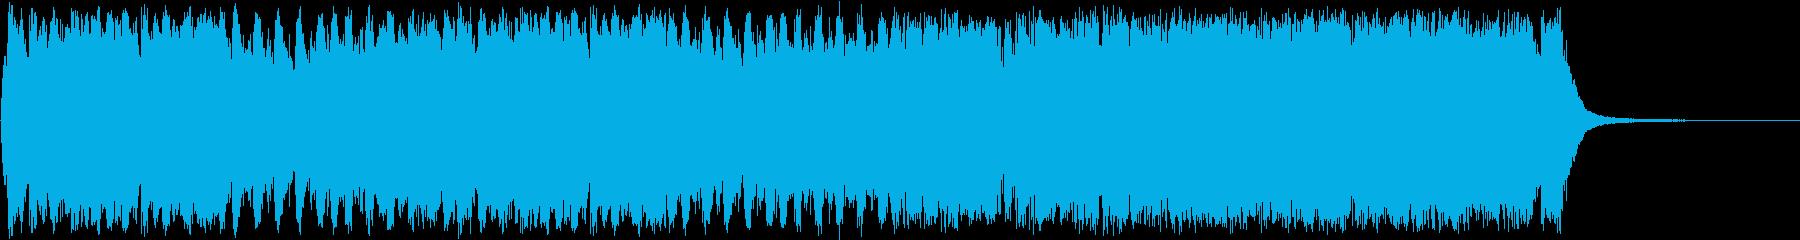 壮大なRPGエンディングオーケストラの再生済みの波形